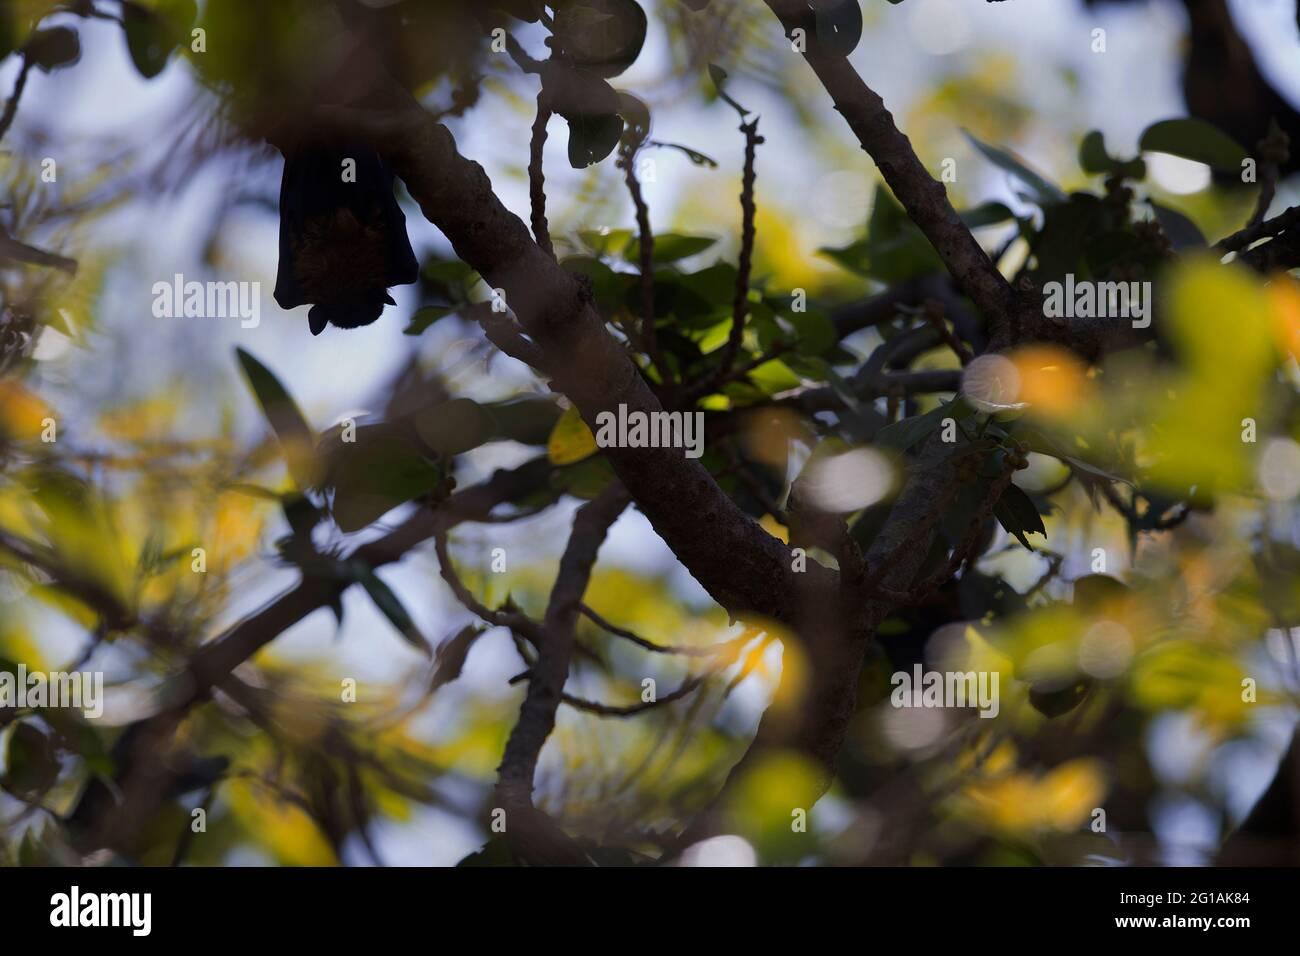 L'image du renard volant indien (Pteropus giganteus) au parc national du RIF, Gujarat, Inde, Asie Banque D'Images